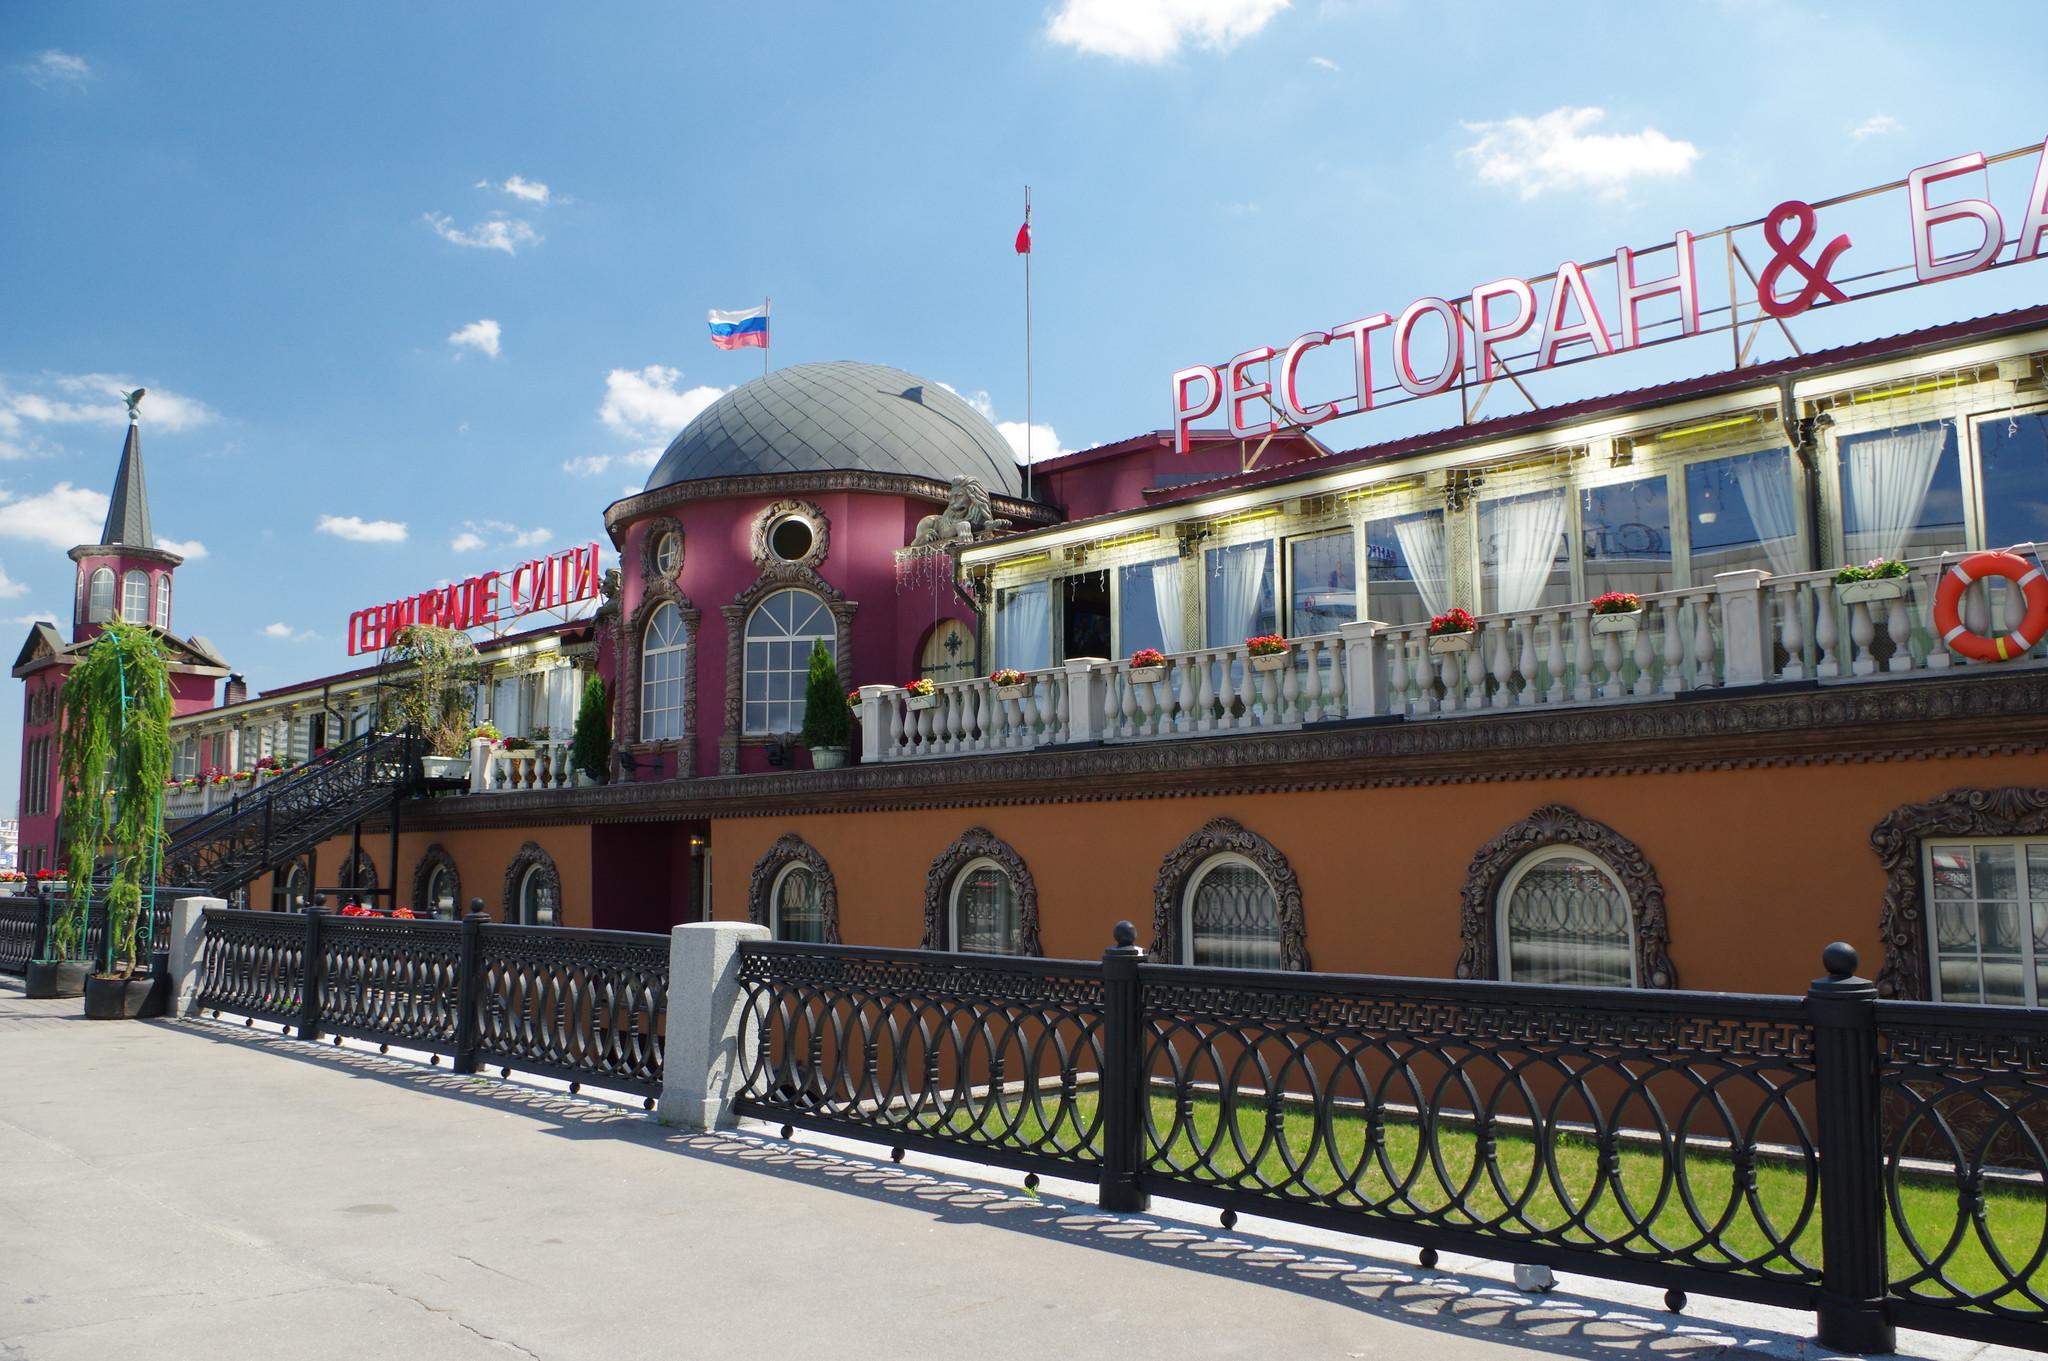 Ресторан «Генацвале-Сити» - трехпалубный дебаркадер пришвартованный на Краснопресненской набережной